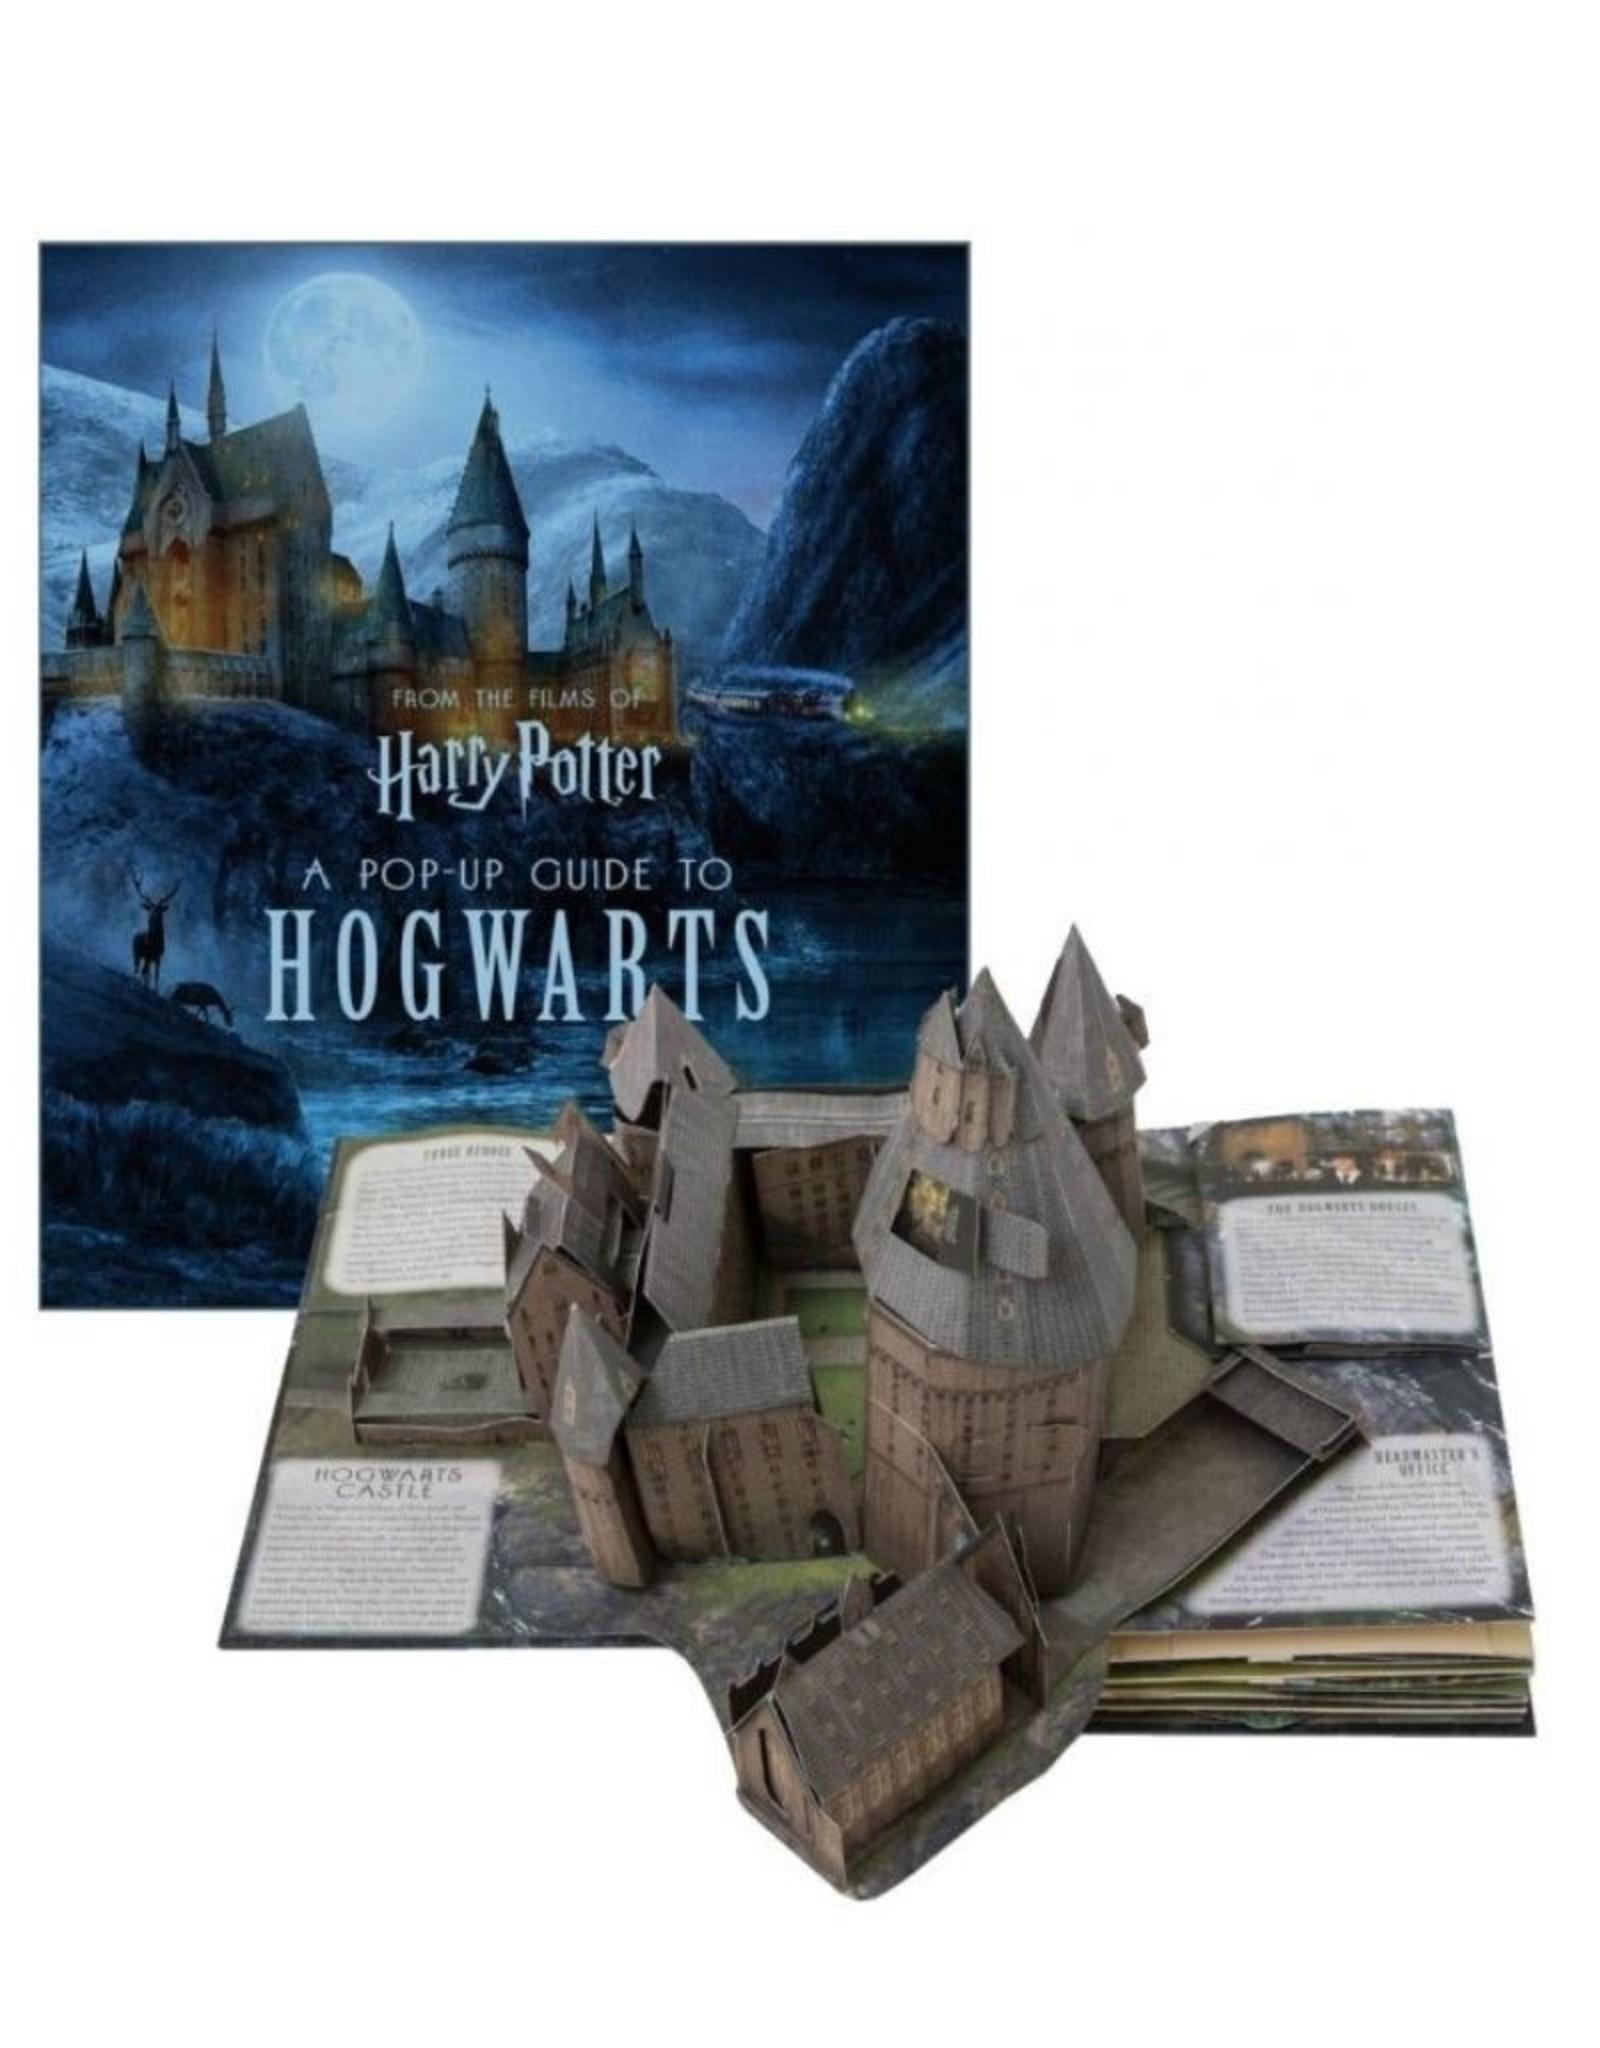 Hogwarts Pop-Up